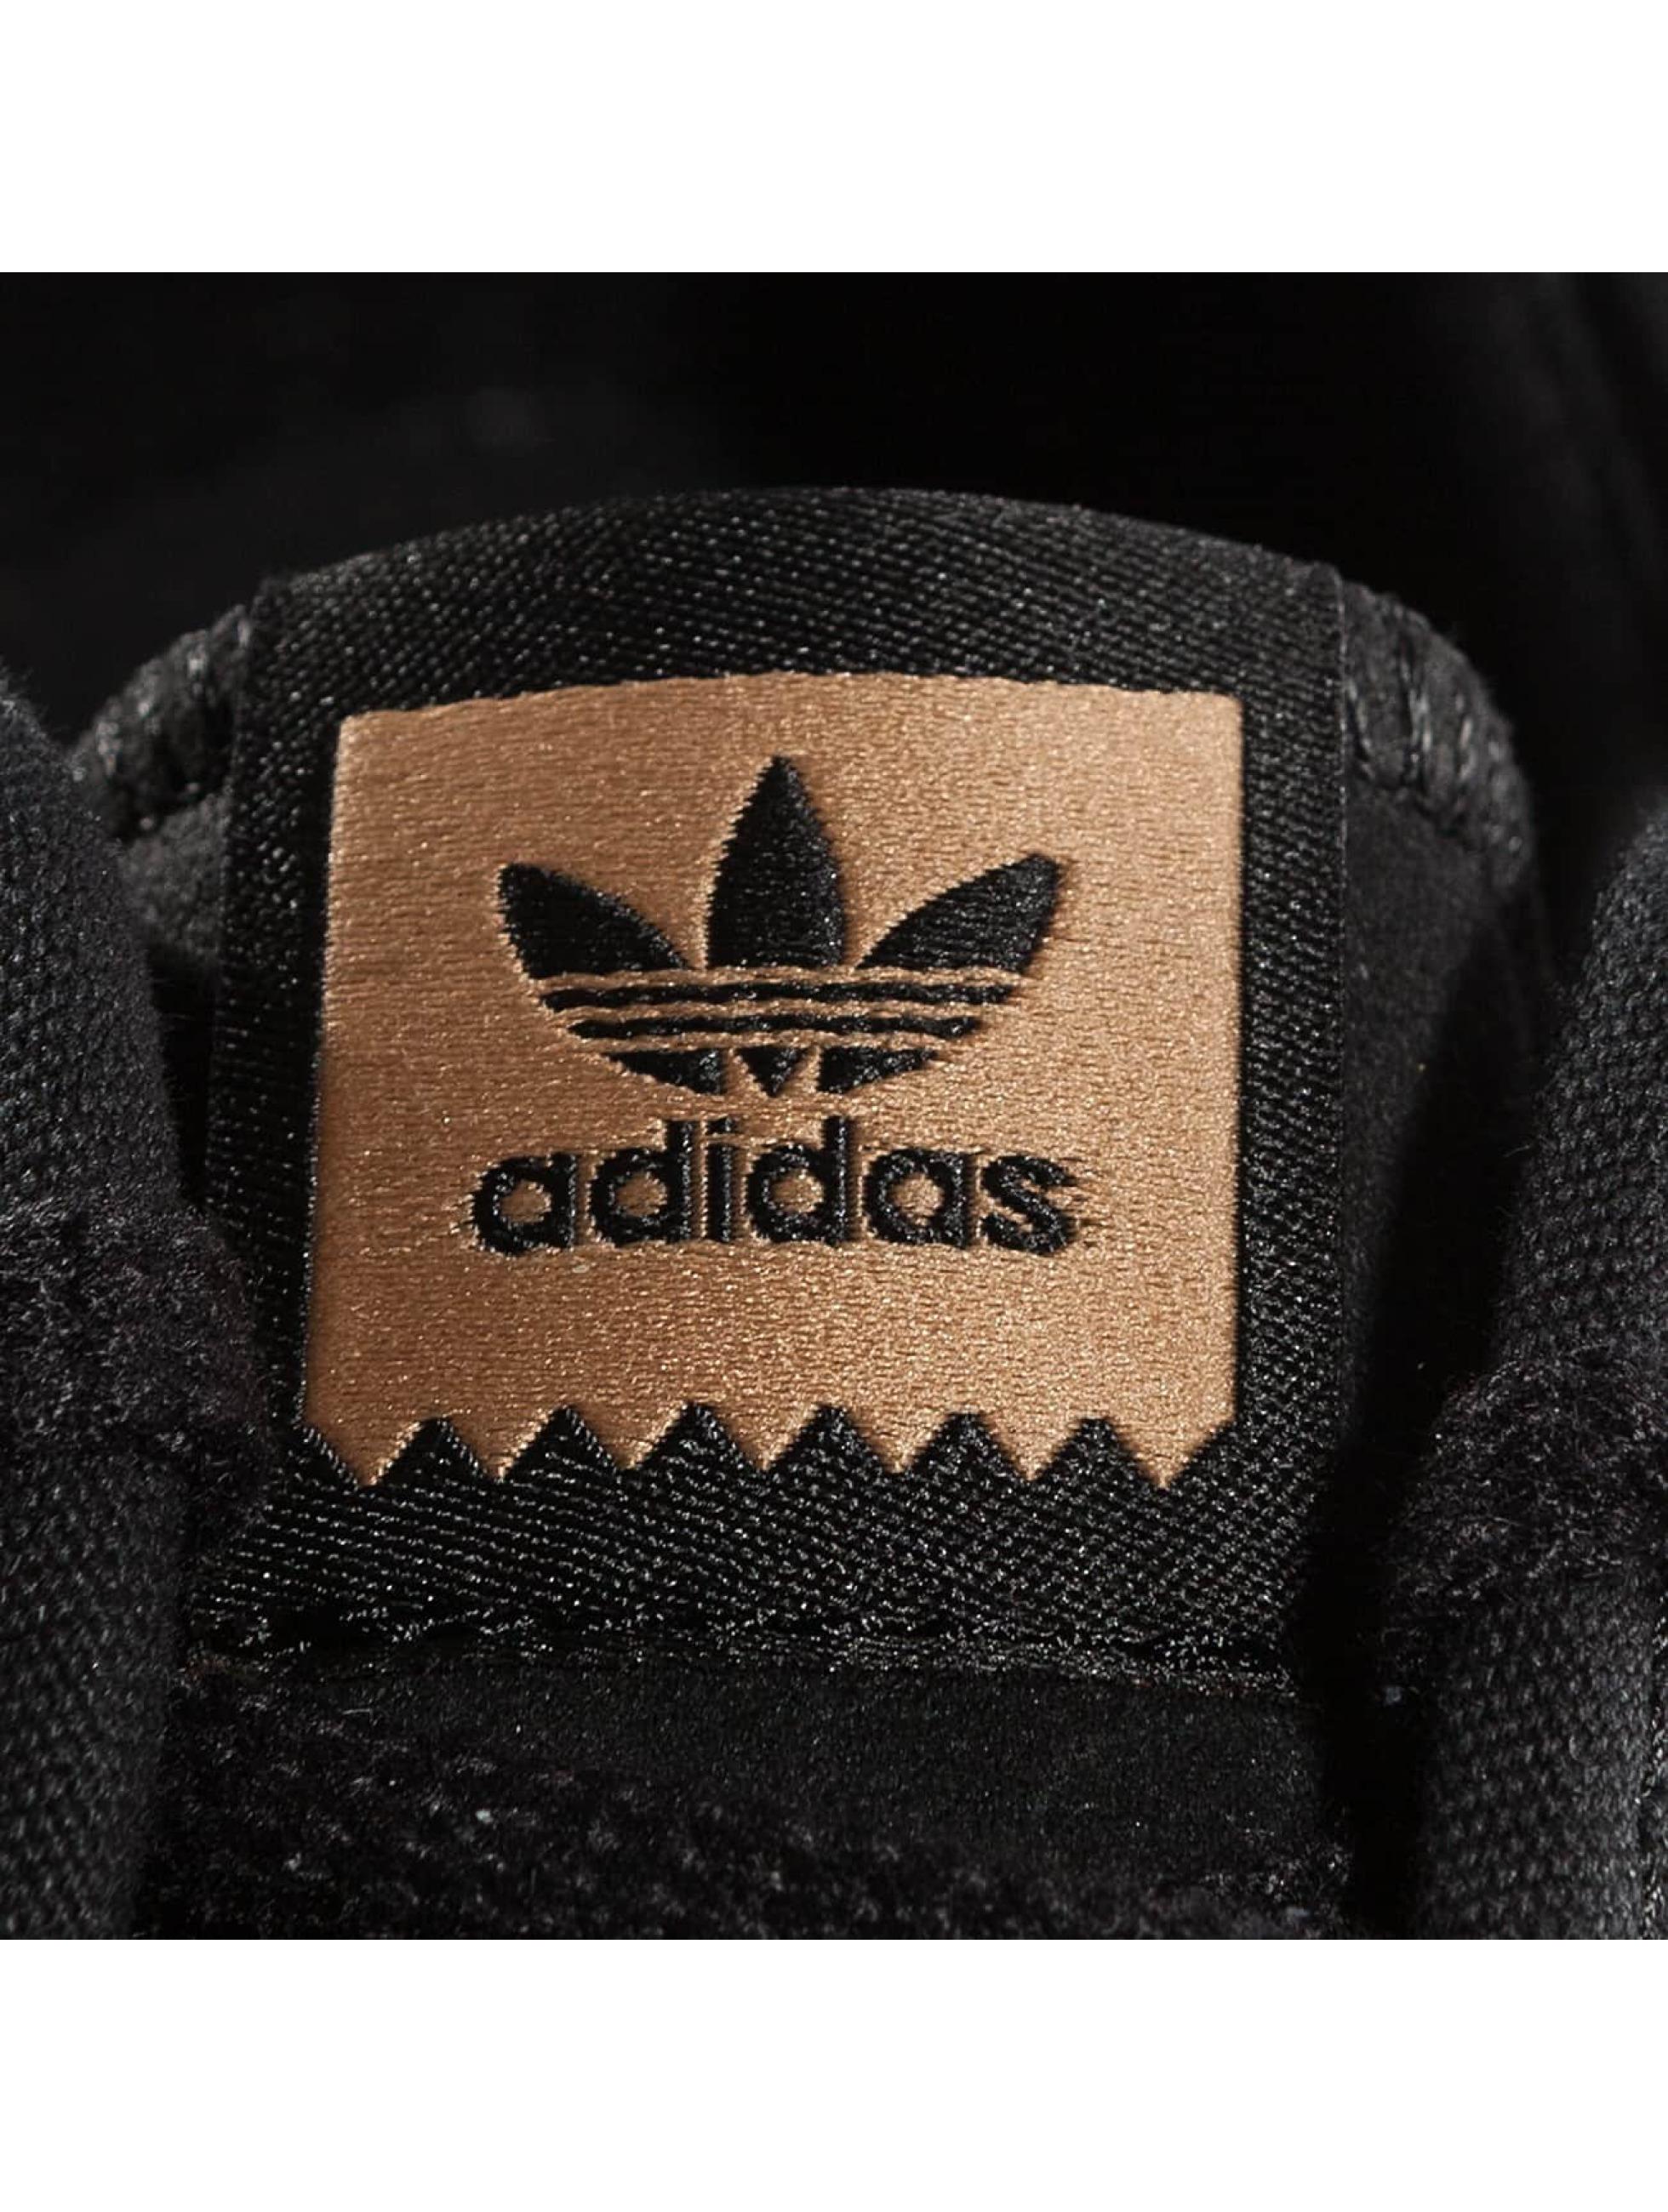 adidas Sneakers Seeley black